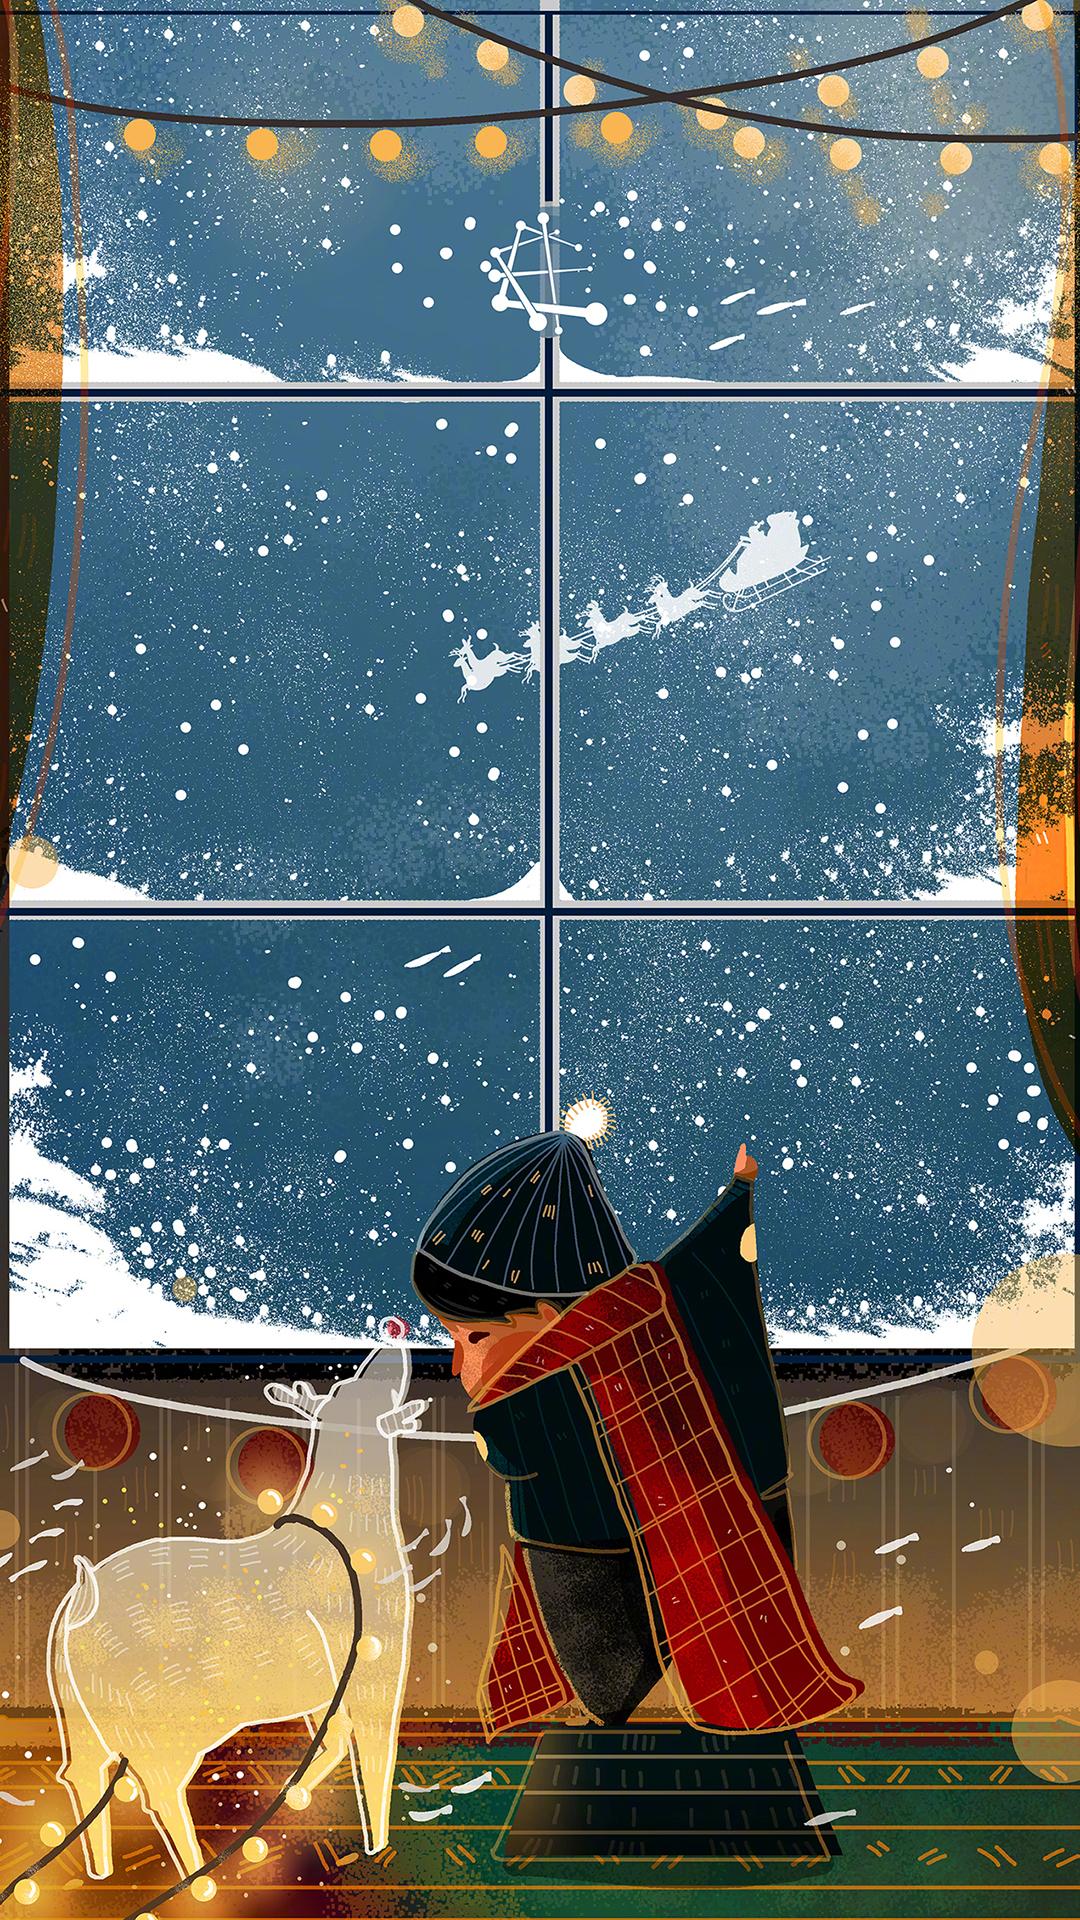 圣诞 手绘 鹿 小女孩 窗外 冬天